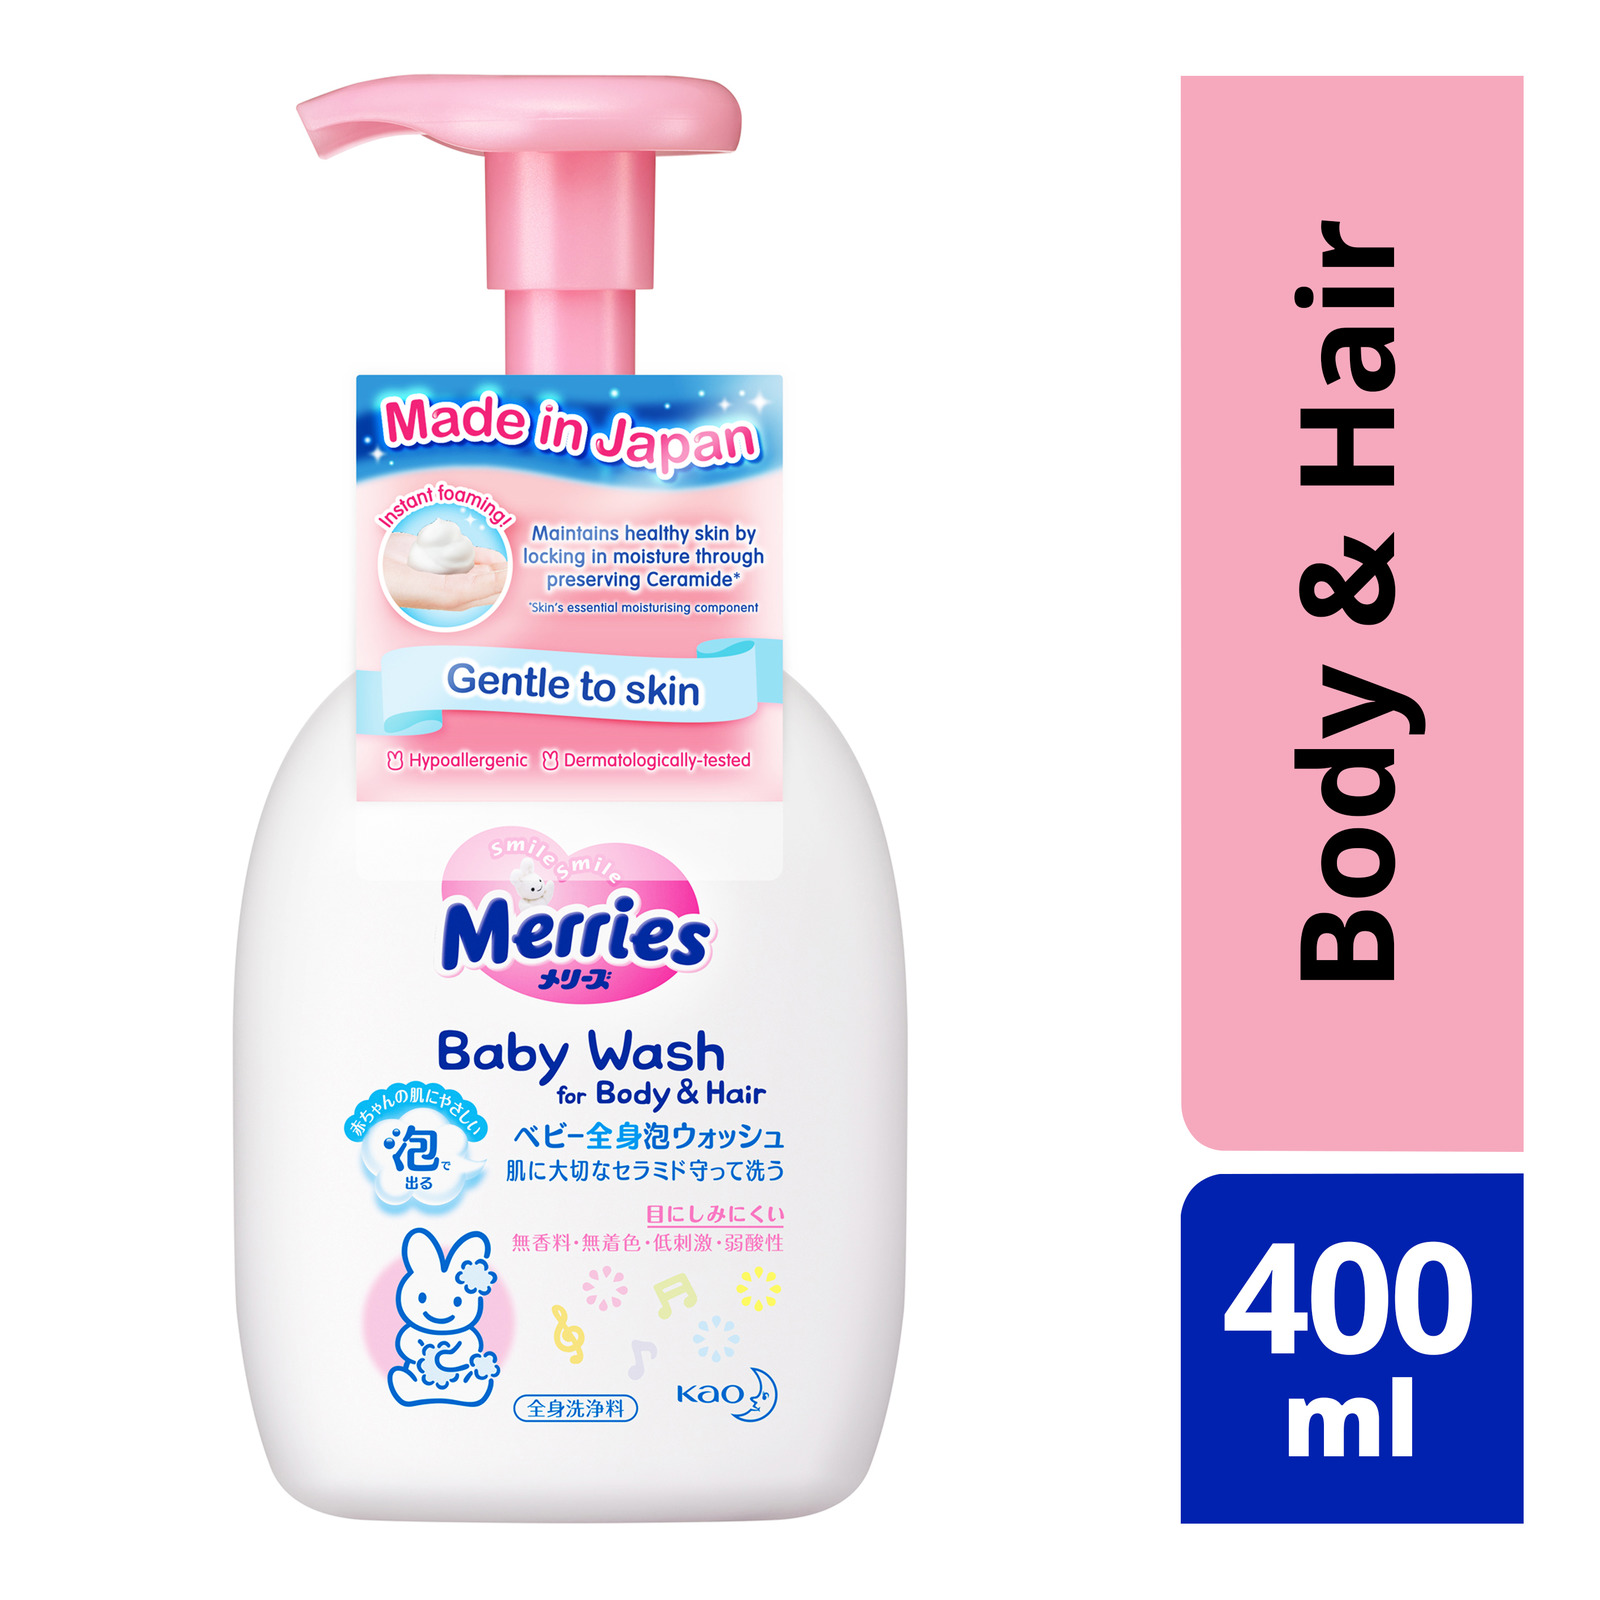 Merries Baby Foam Wash - Body & Hair